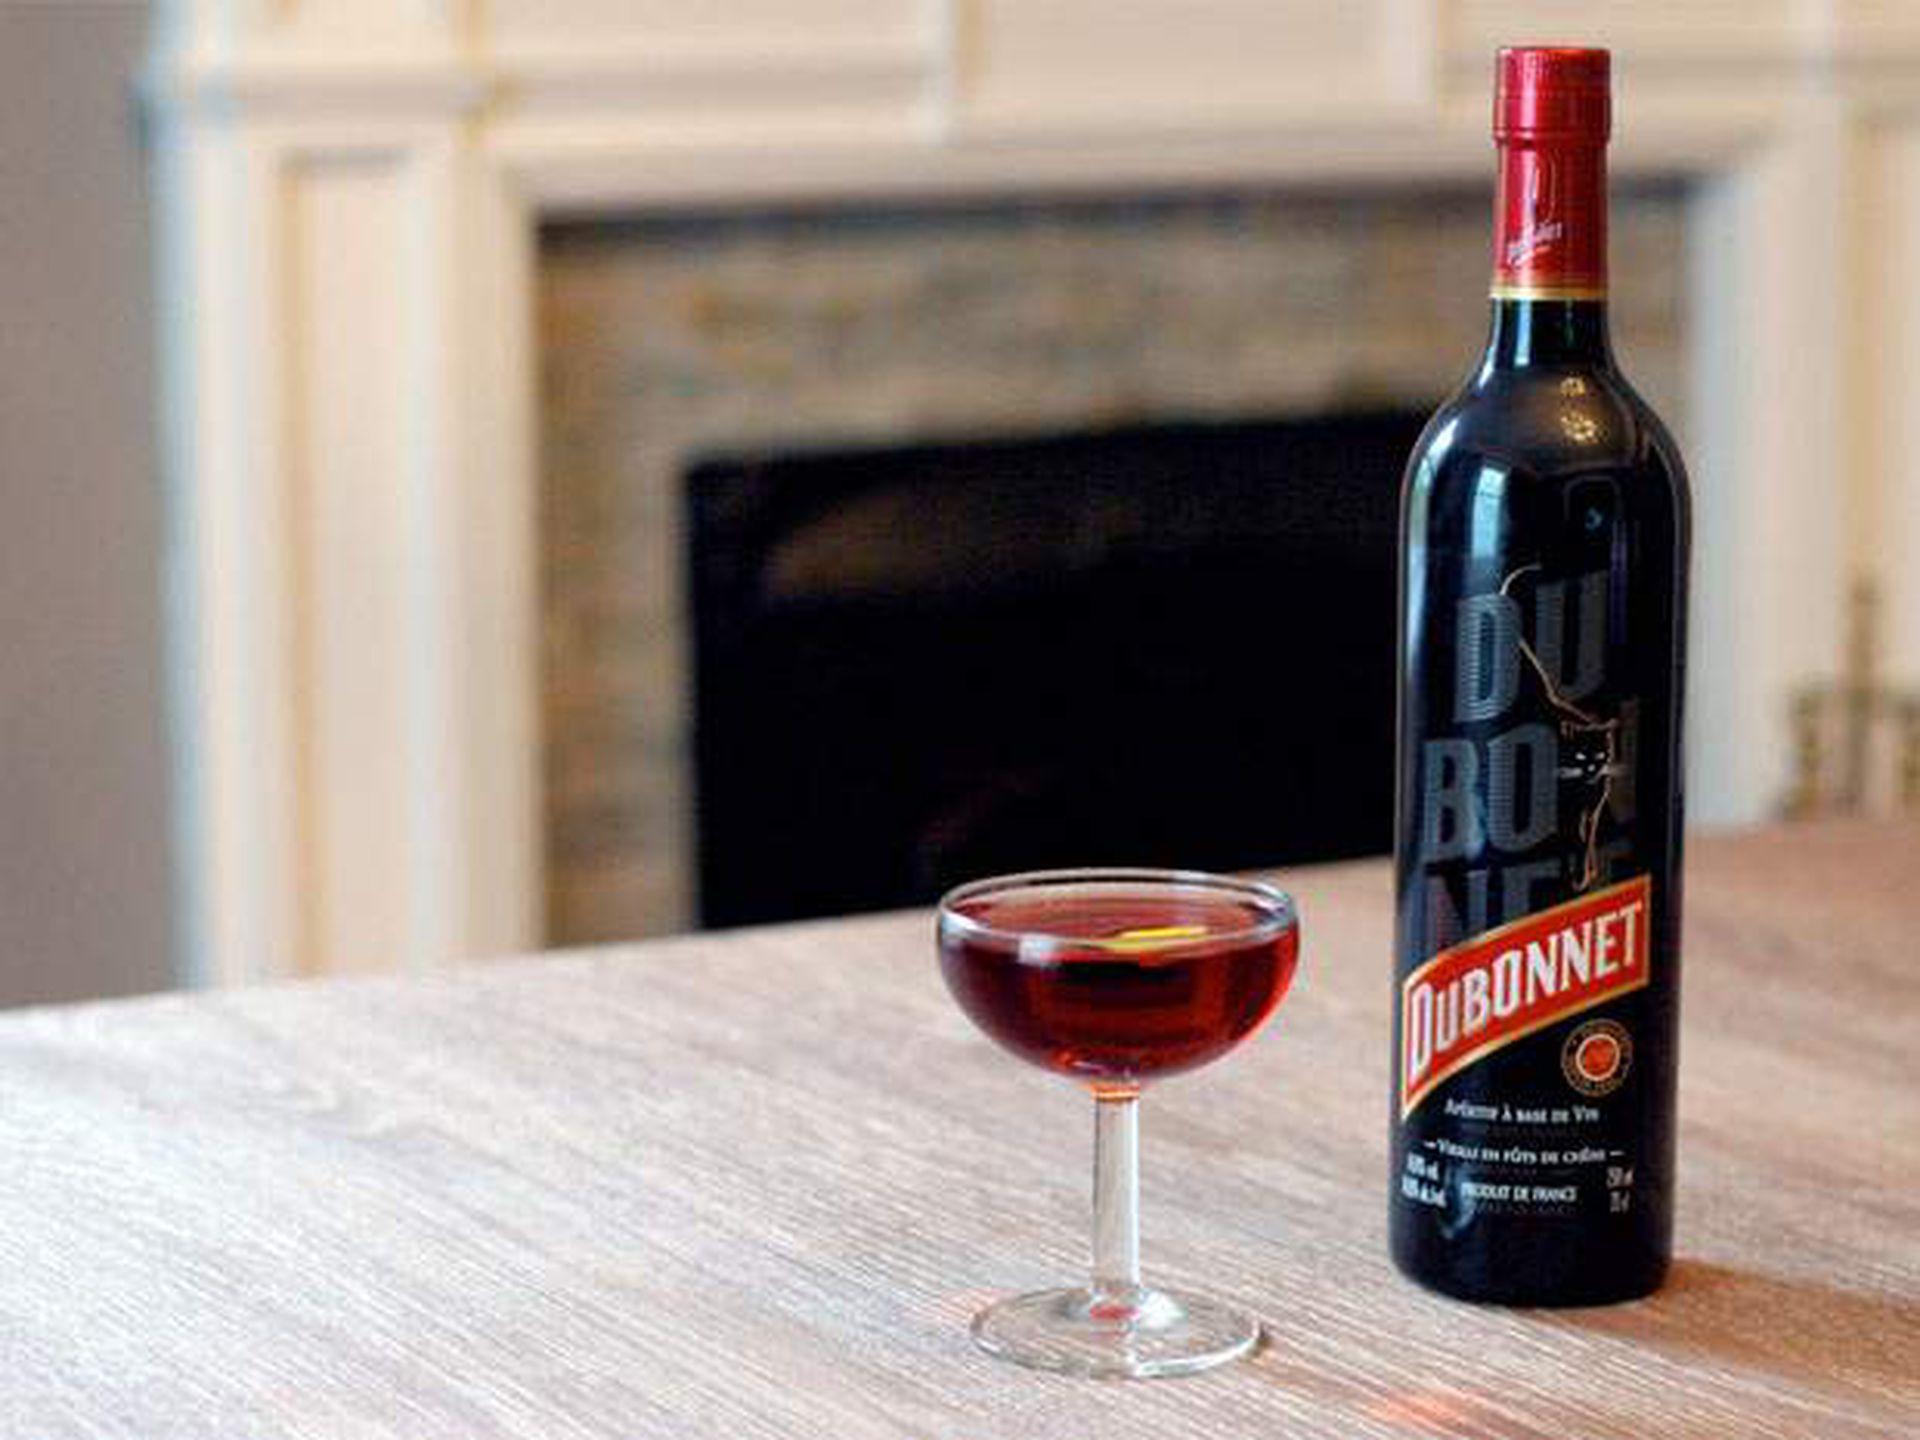 Dubonnet es un aperitivo elaborado en base a vino dulce fortificado con hierbas, especias y quinina